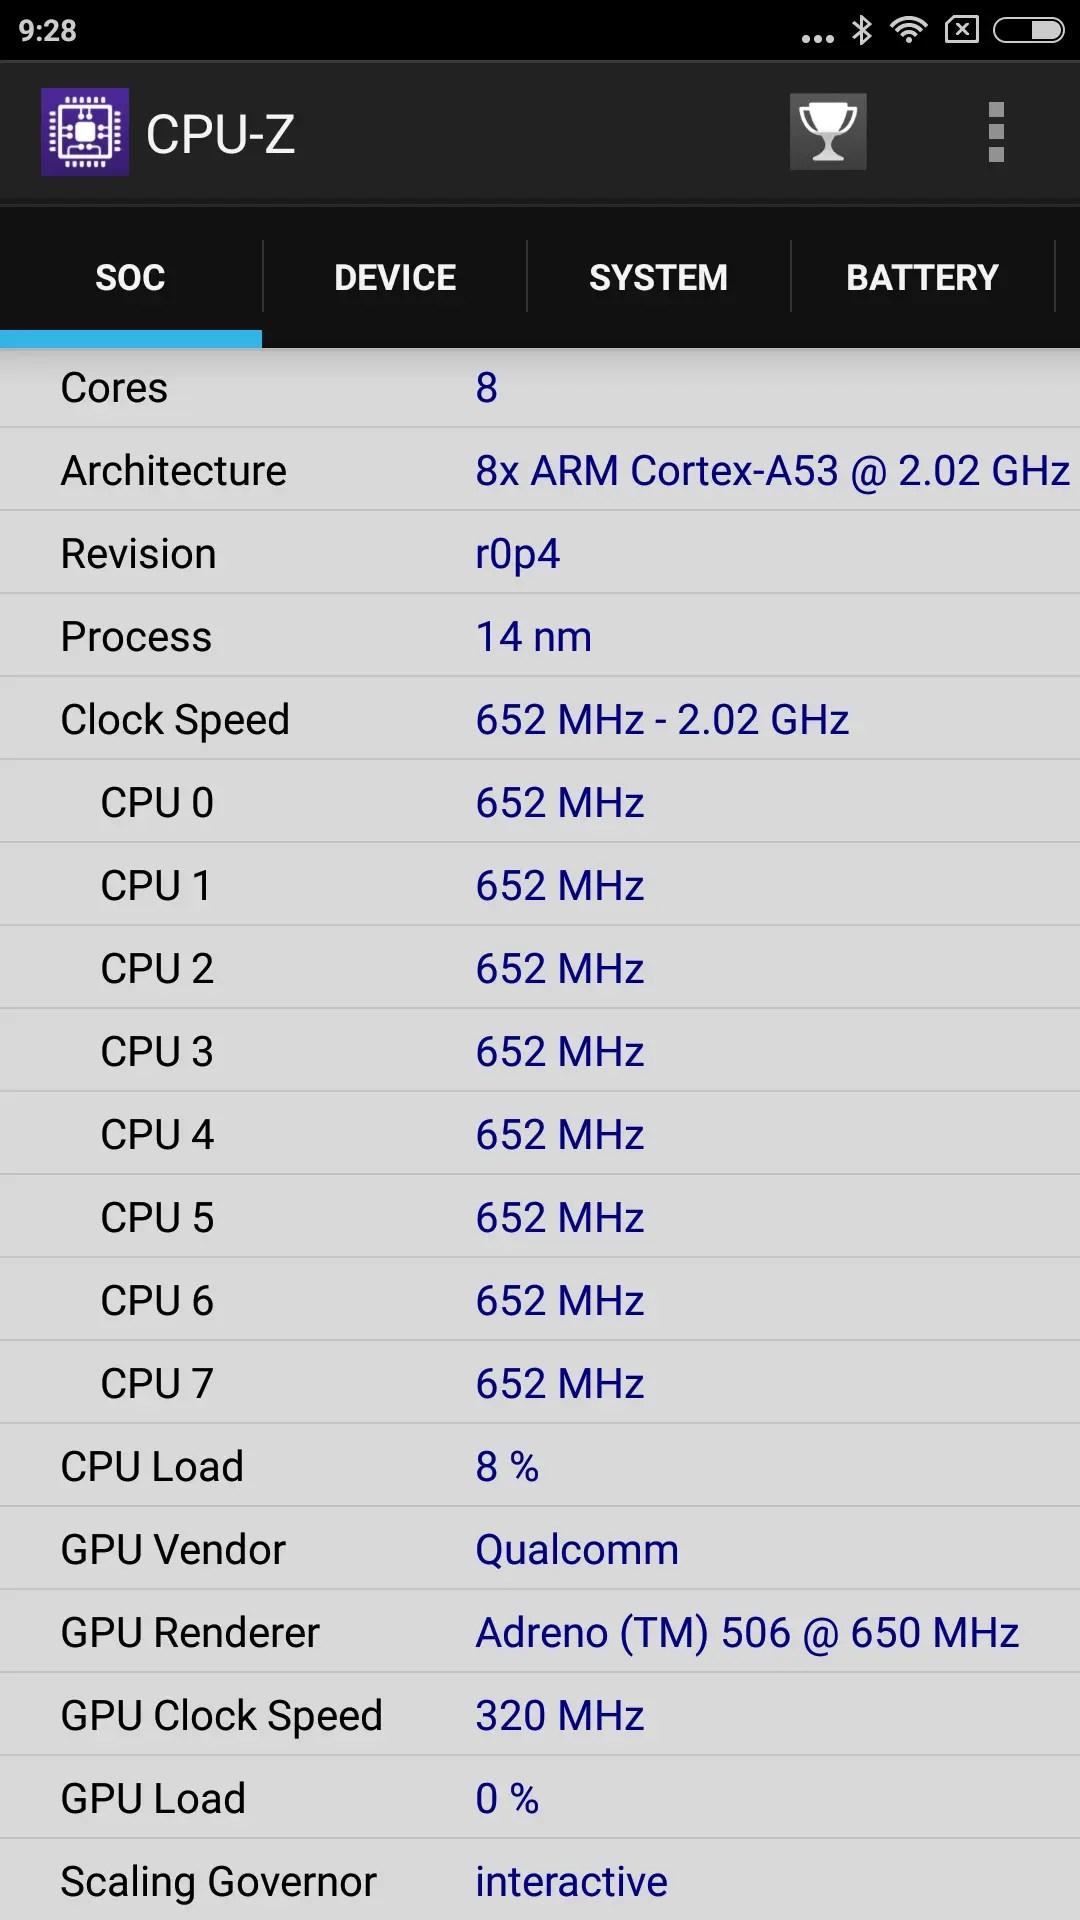 Xiaomi Redmi Note 4X CPU-Z SOC2